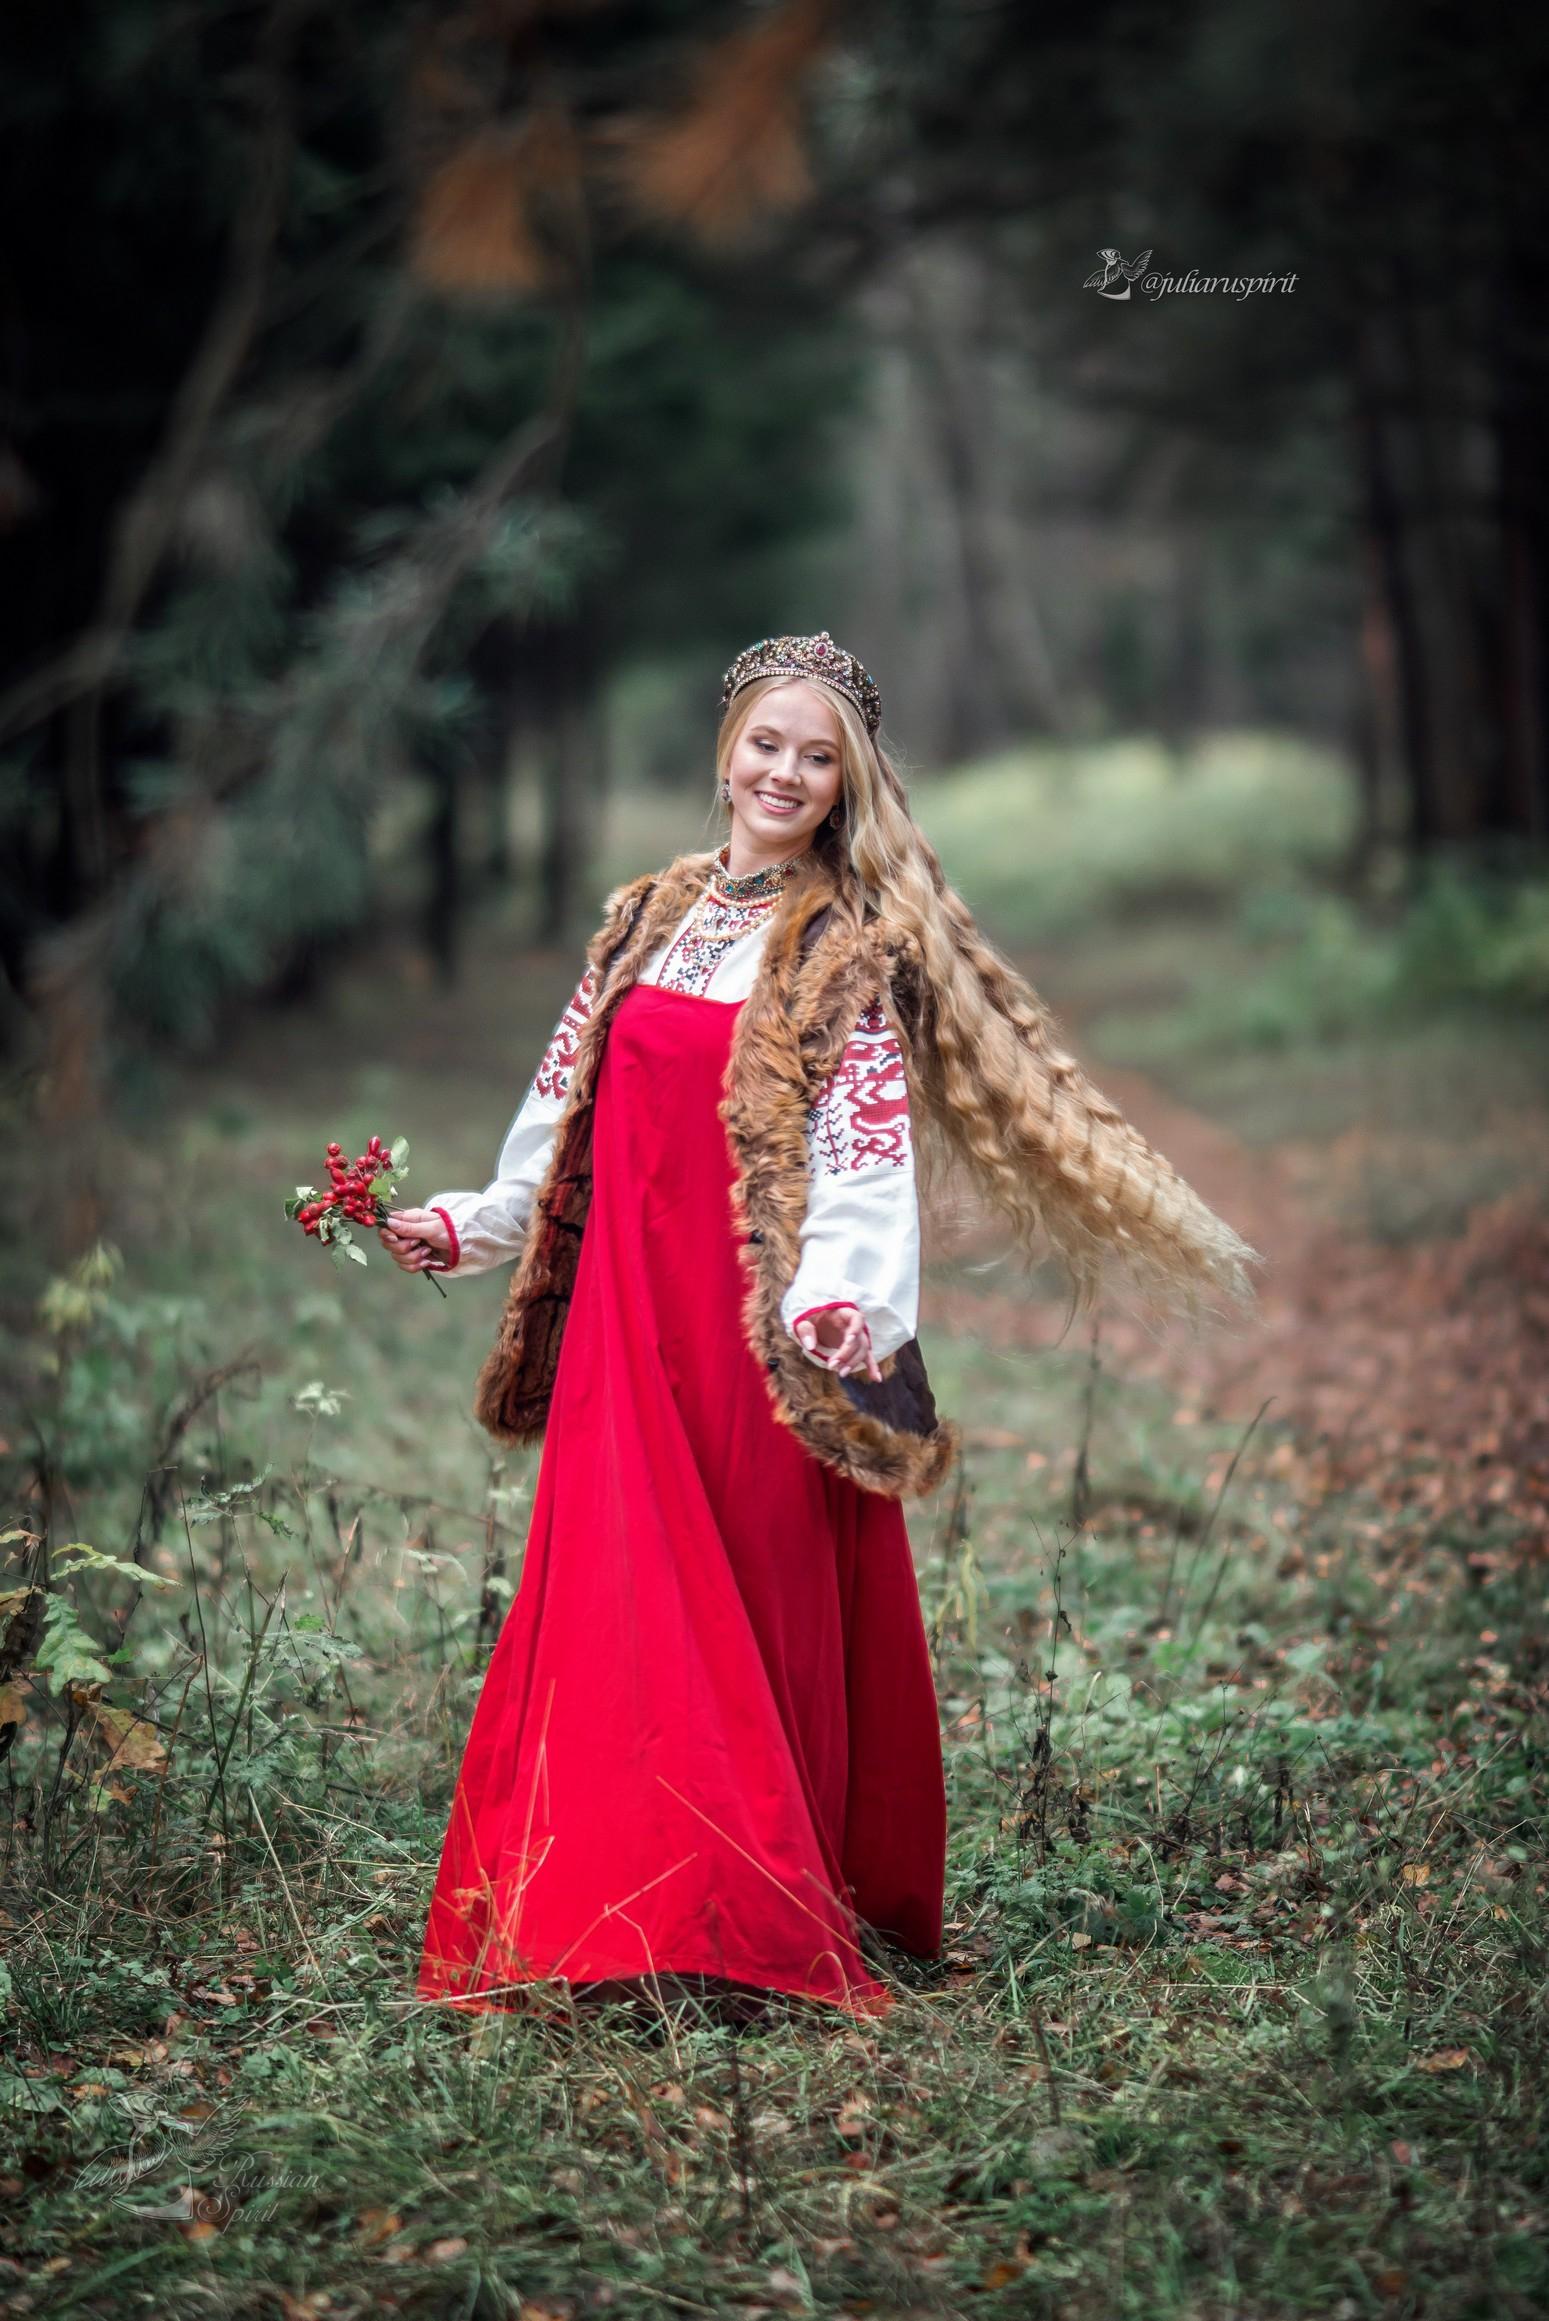 девушка с длинными волосами в платье в русском стиле